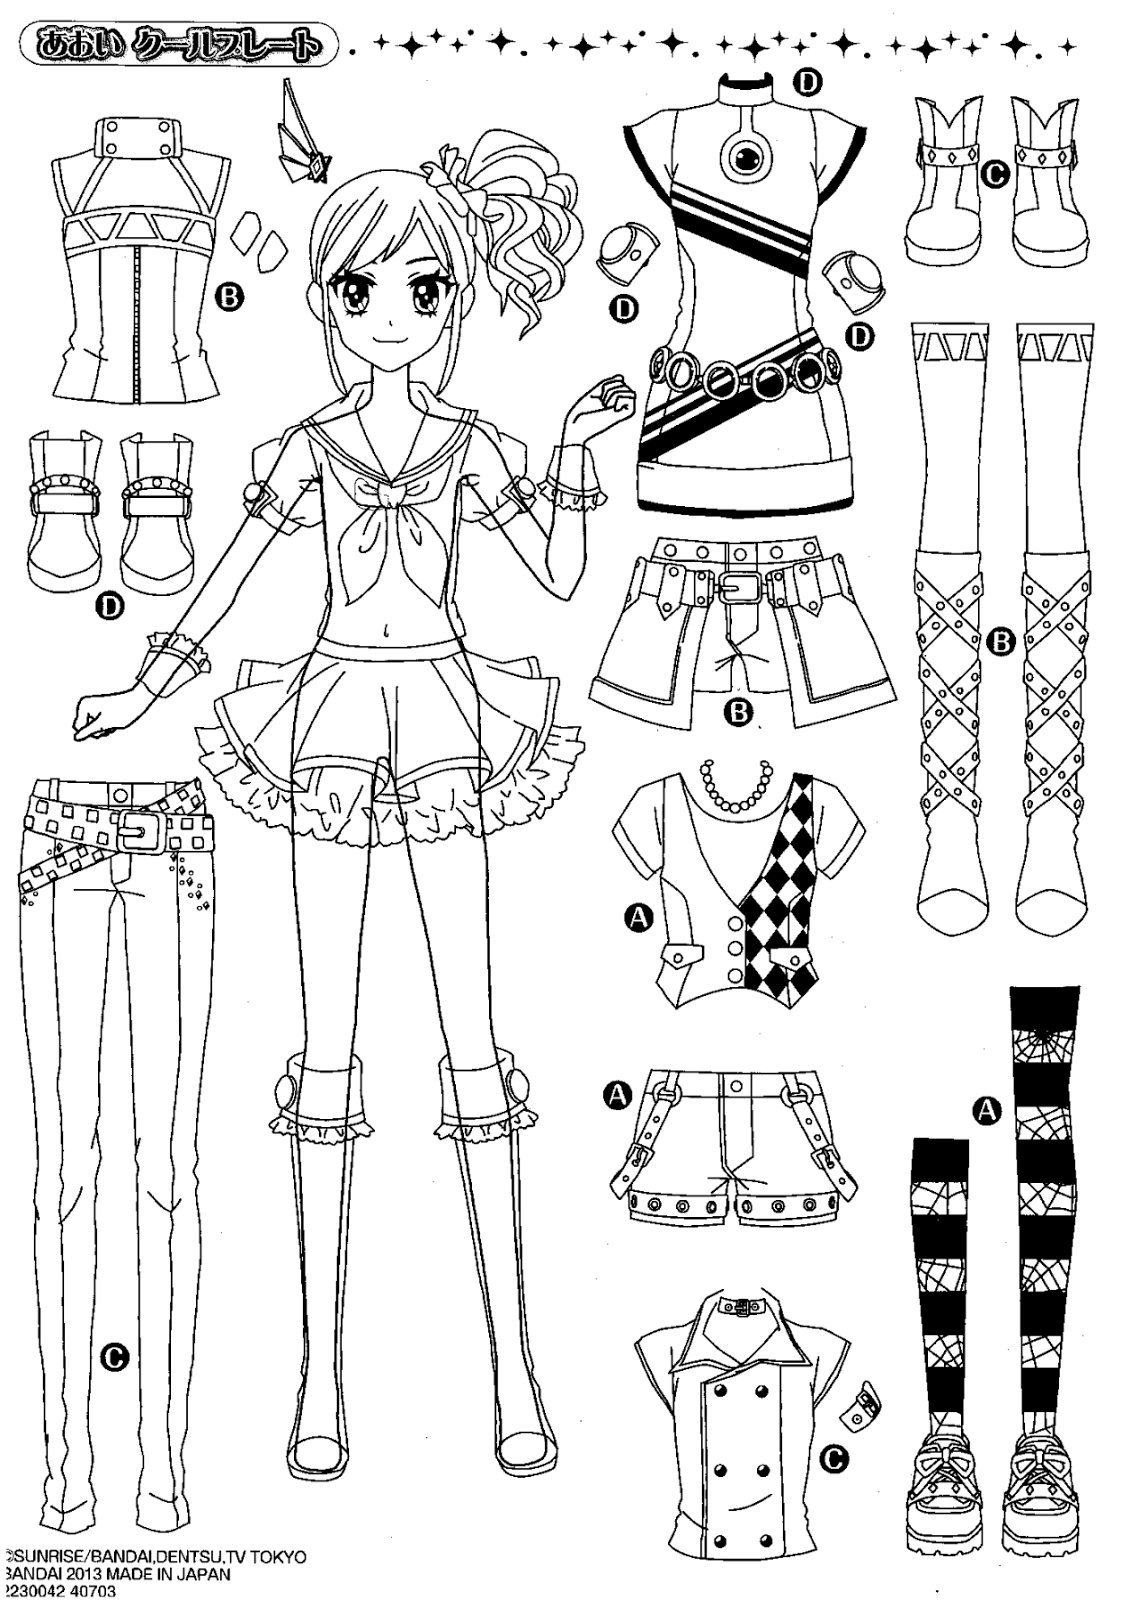 sumber aikatsu illustration